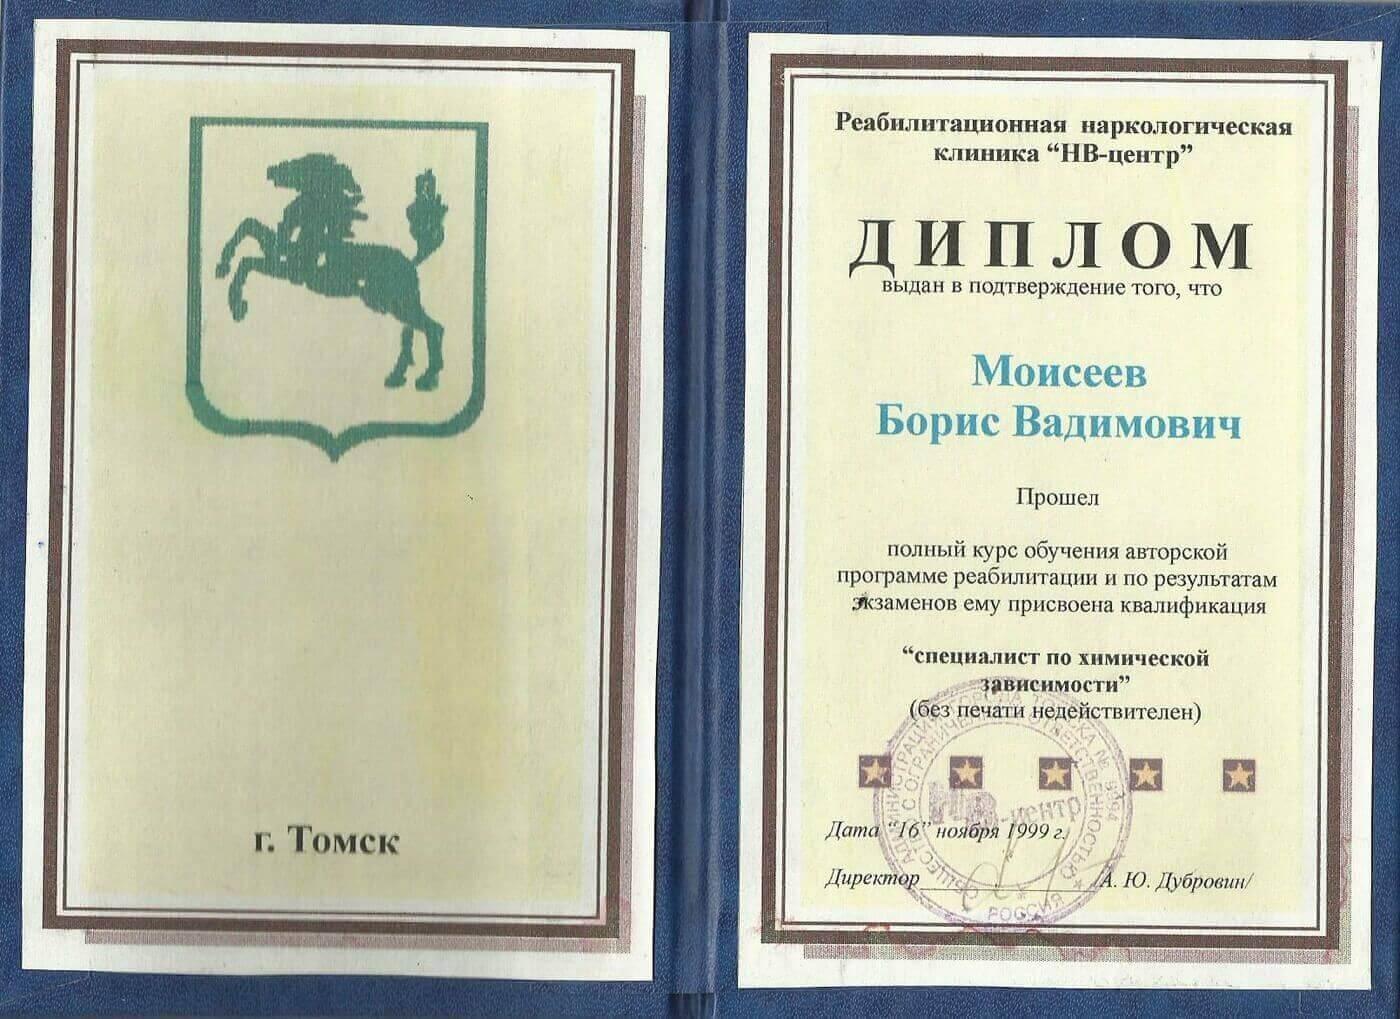 Диплом Моисеева Б. В. - специалист по химической зависимости